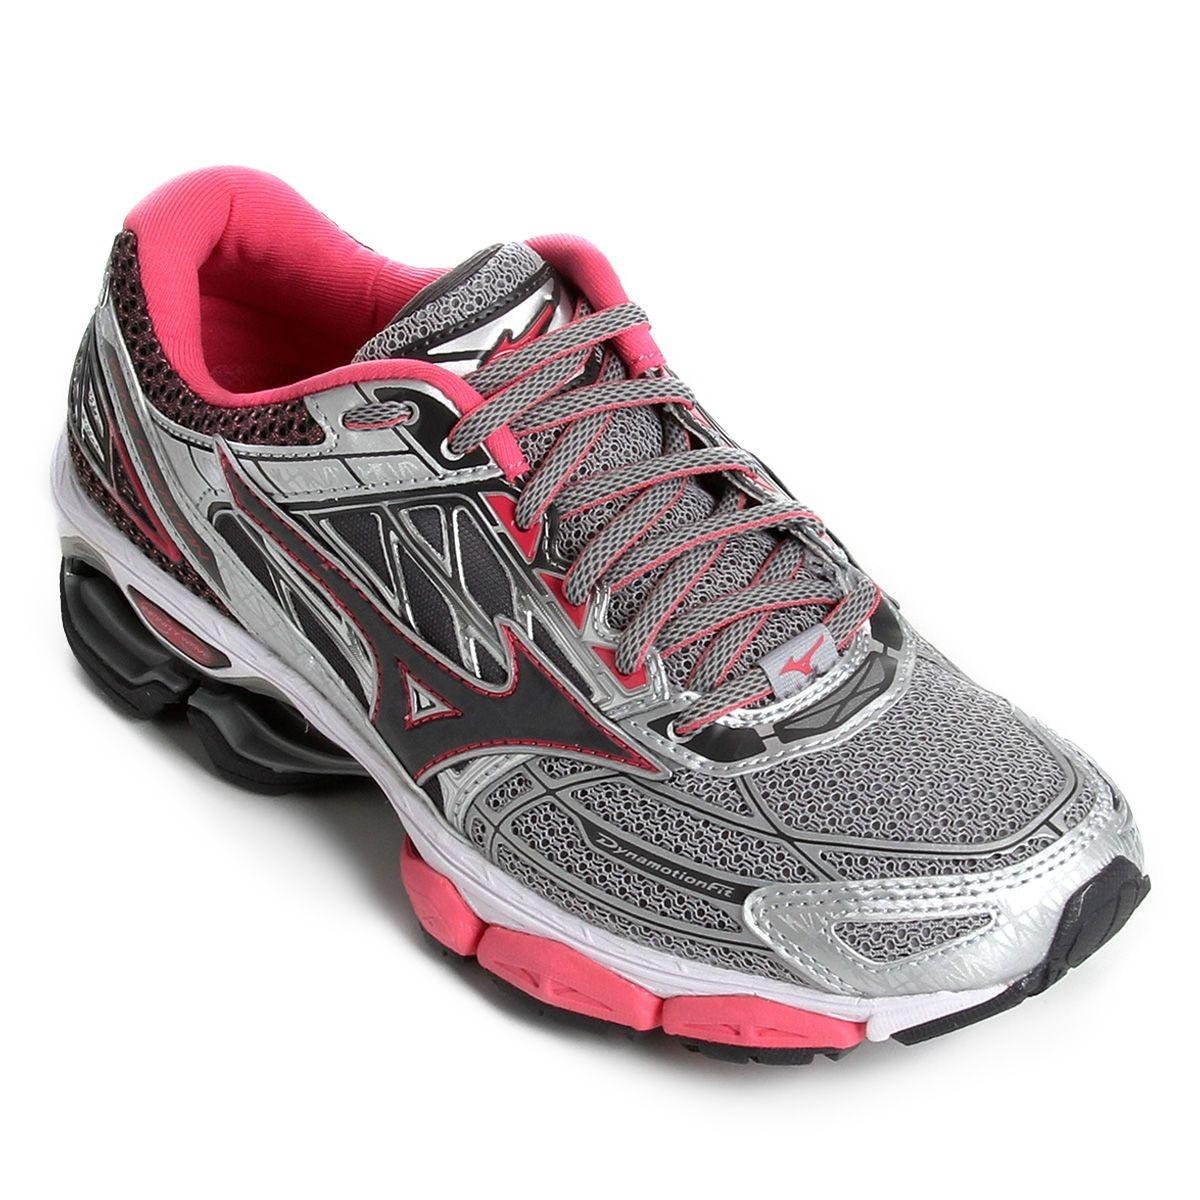 bec185a15731a tênis mizuno wave creation 19 feminino - prata e rosa. Carregando zoom.